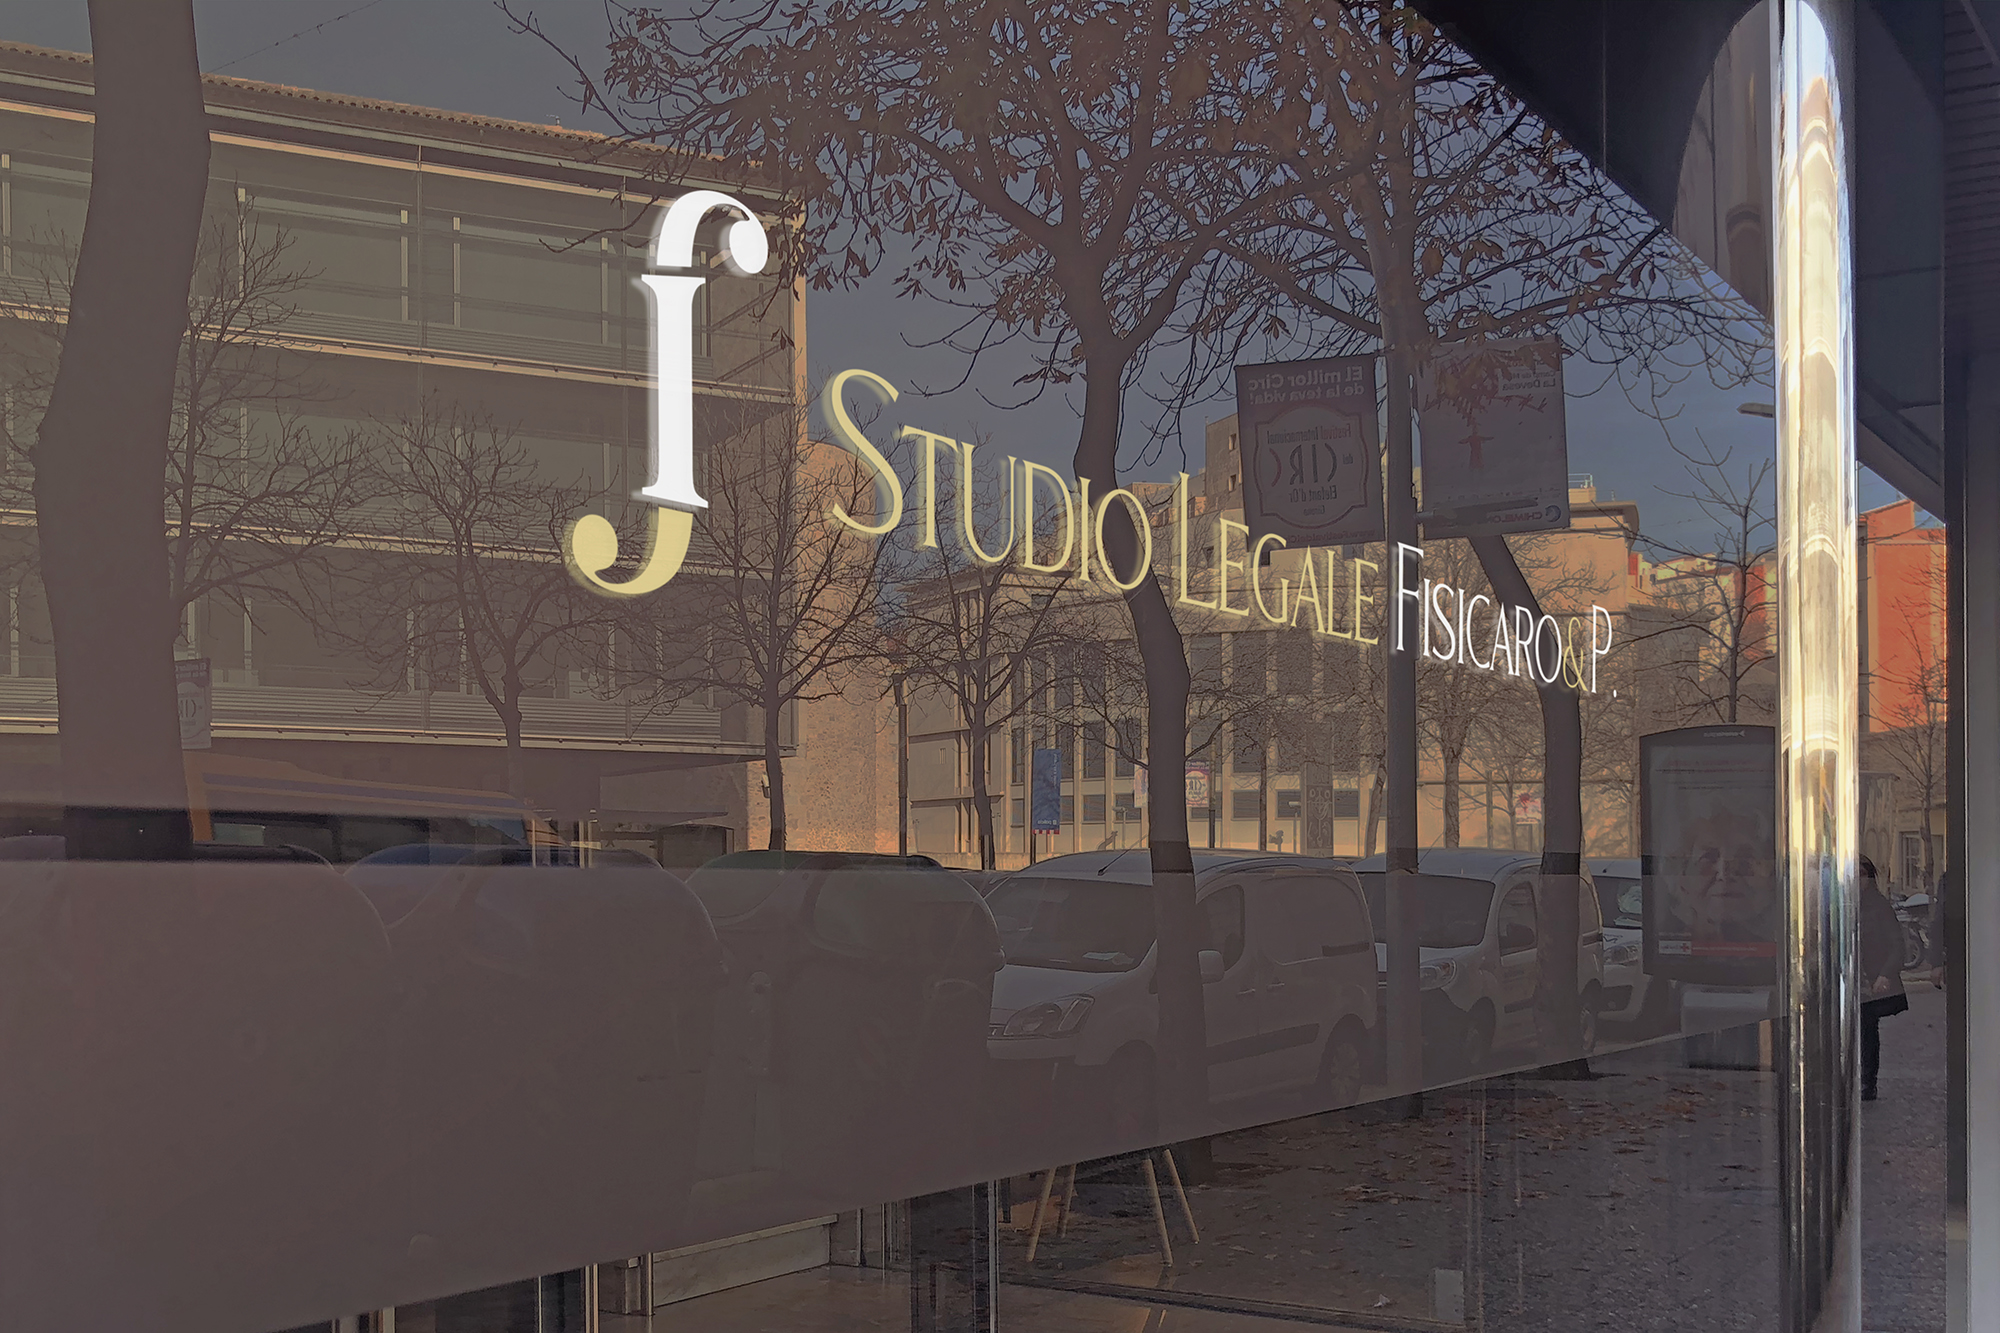 Studio Legale Fisicaro&P.